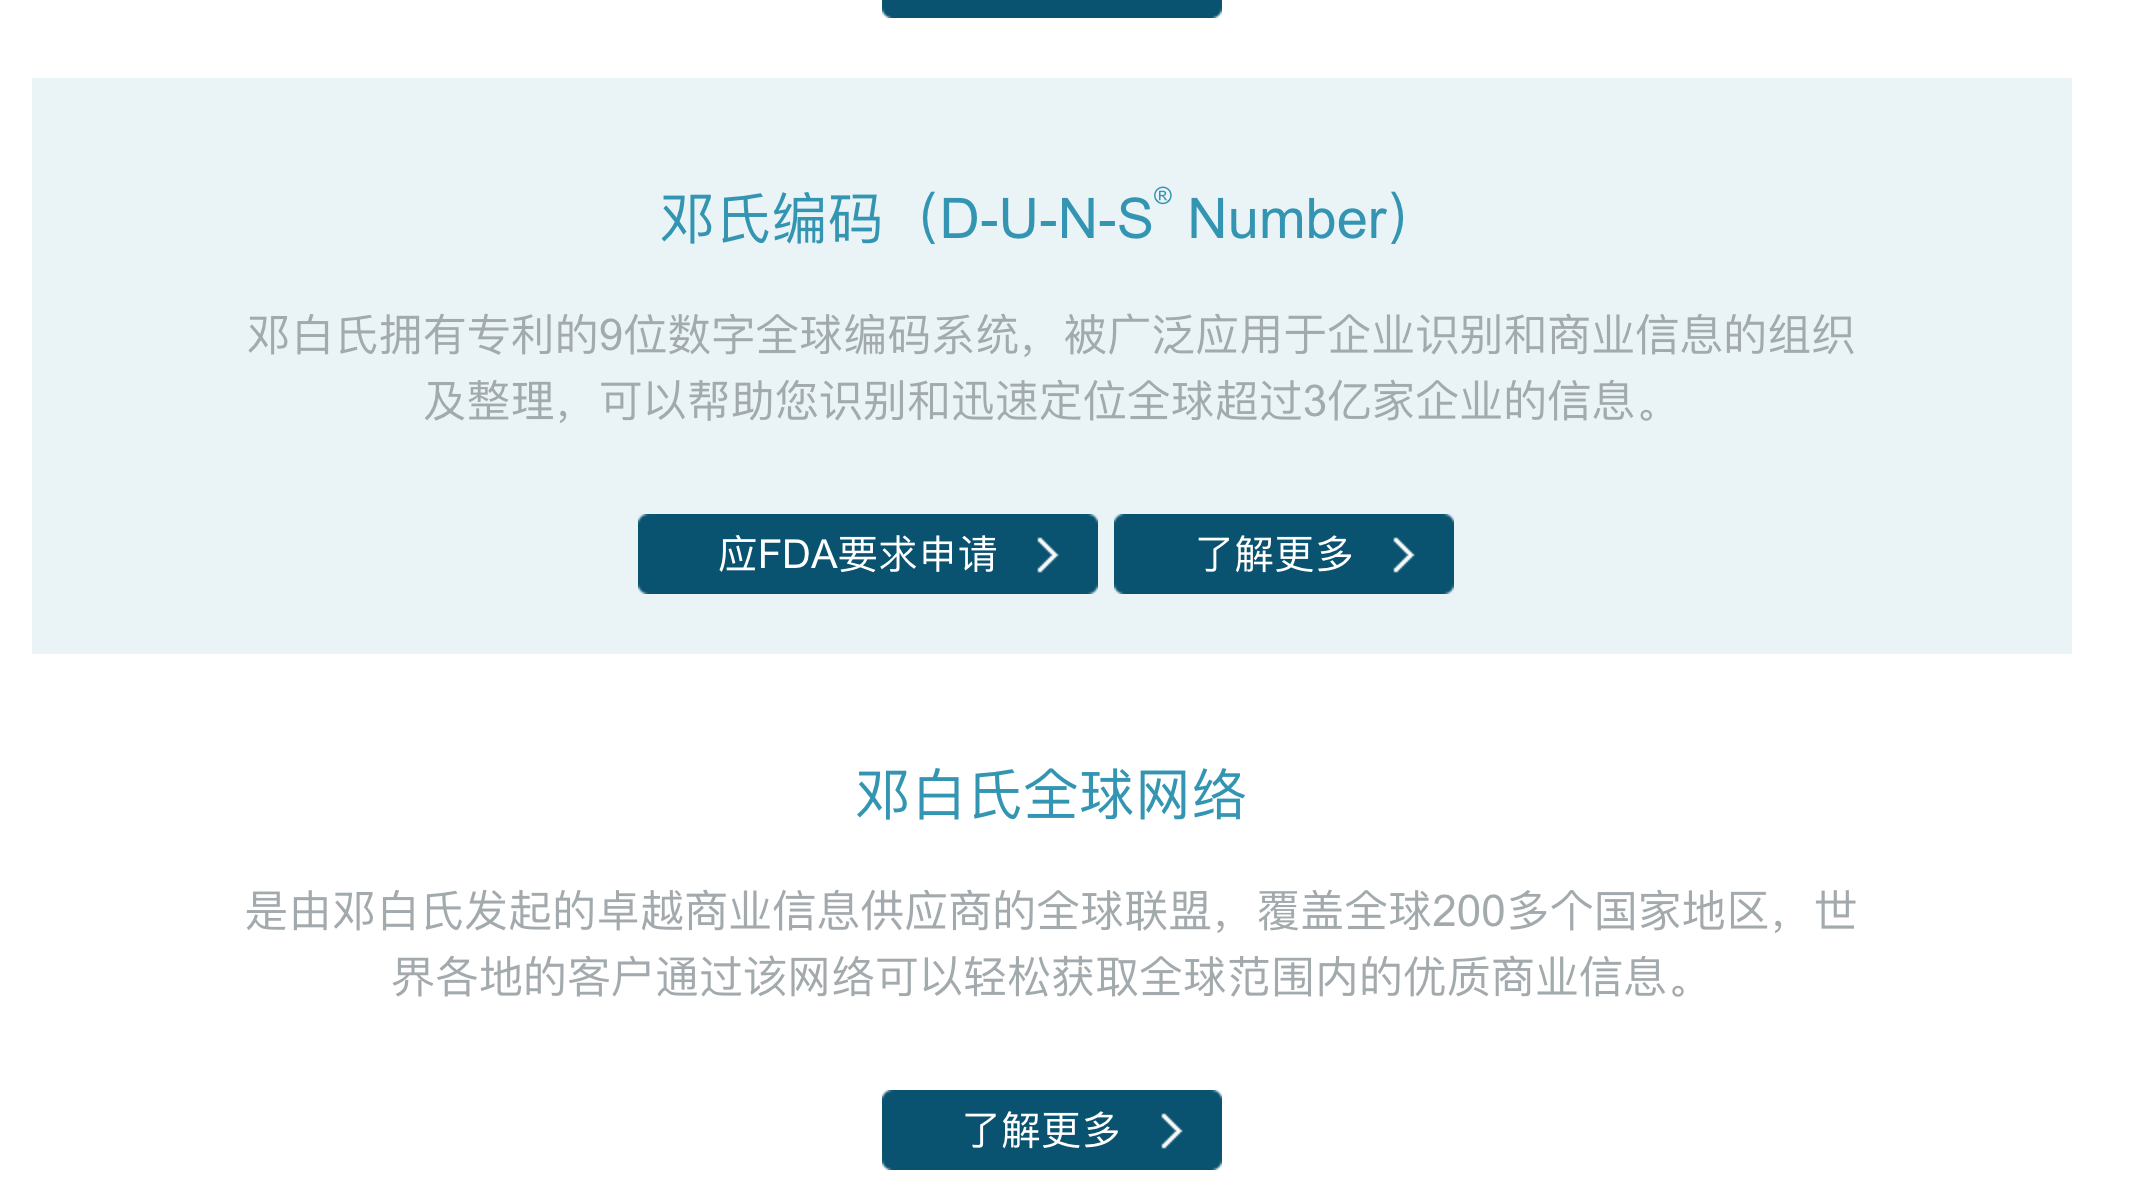 #关于iOS开发申请邓白氏编码氏公司座机的问题#-解决方法-在申请DUNS码的时候需要填写公司座机,如果没有座机的解决方法!